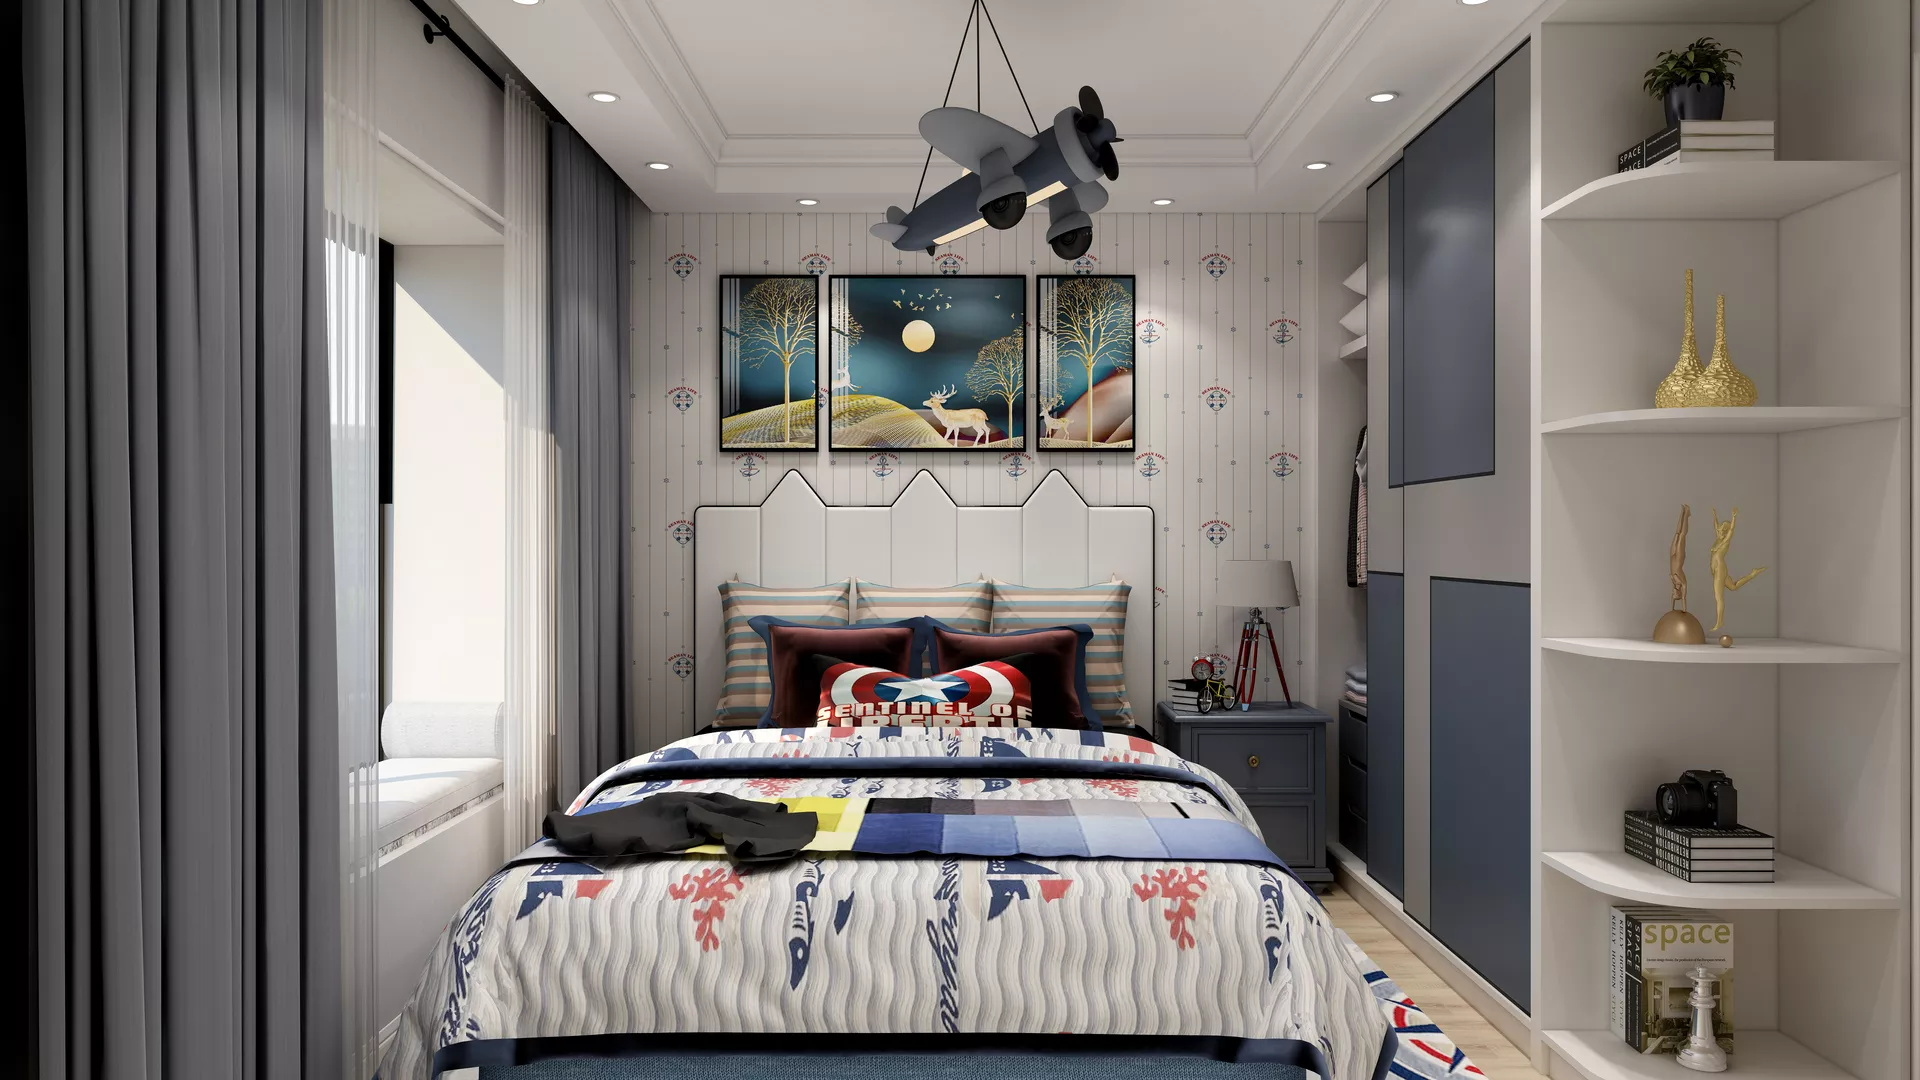 客厅电视背景墙用什么材料好 装修方式有哪些